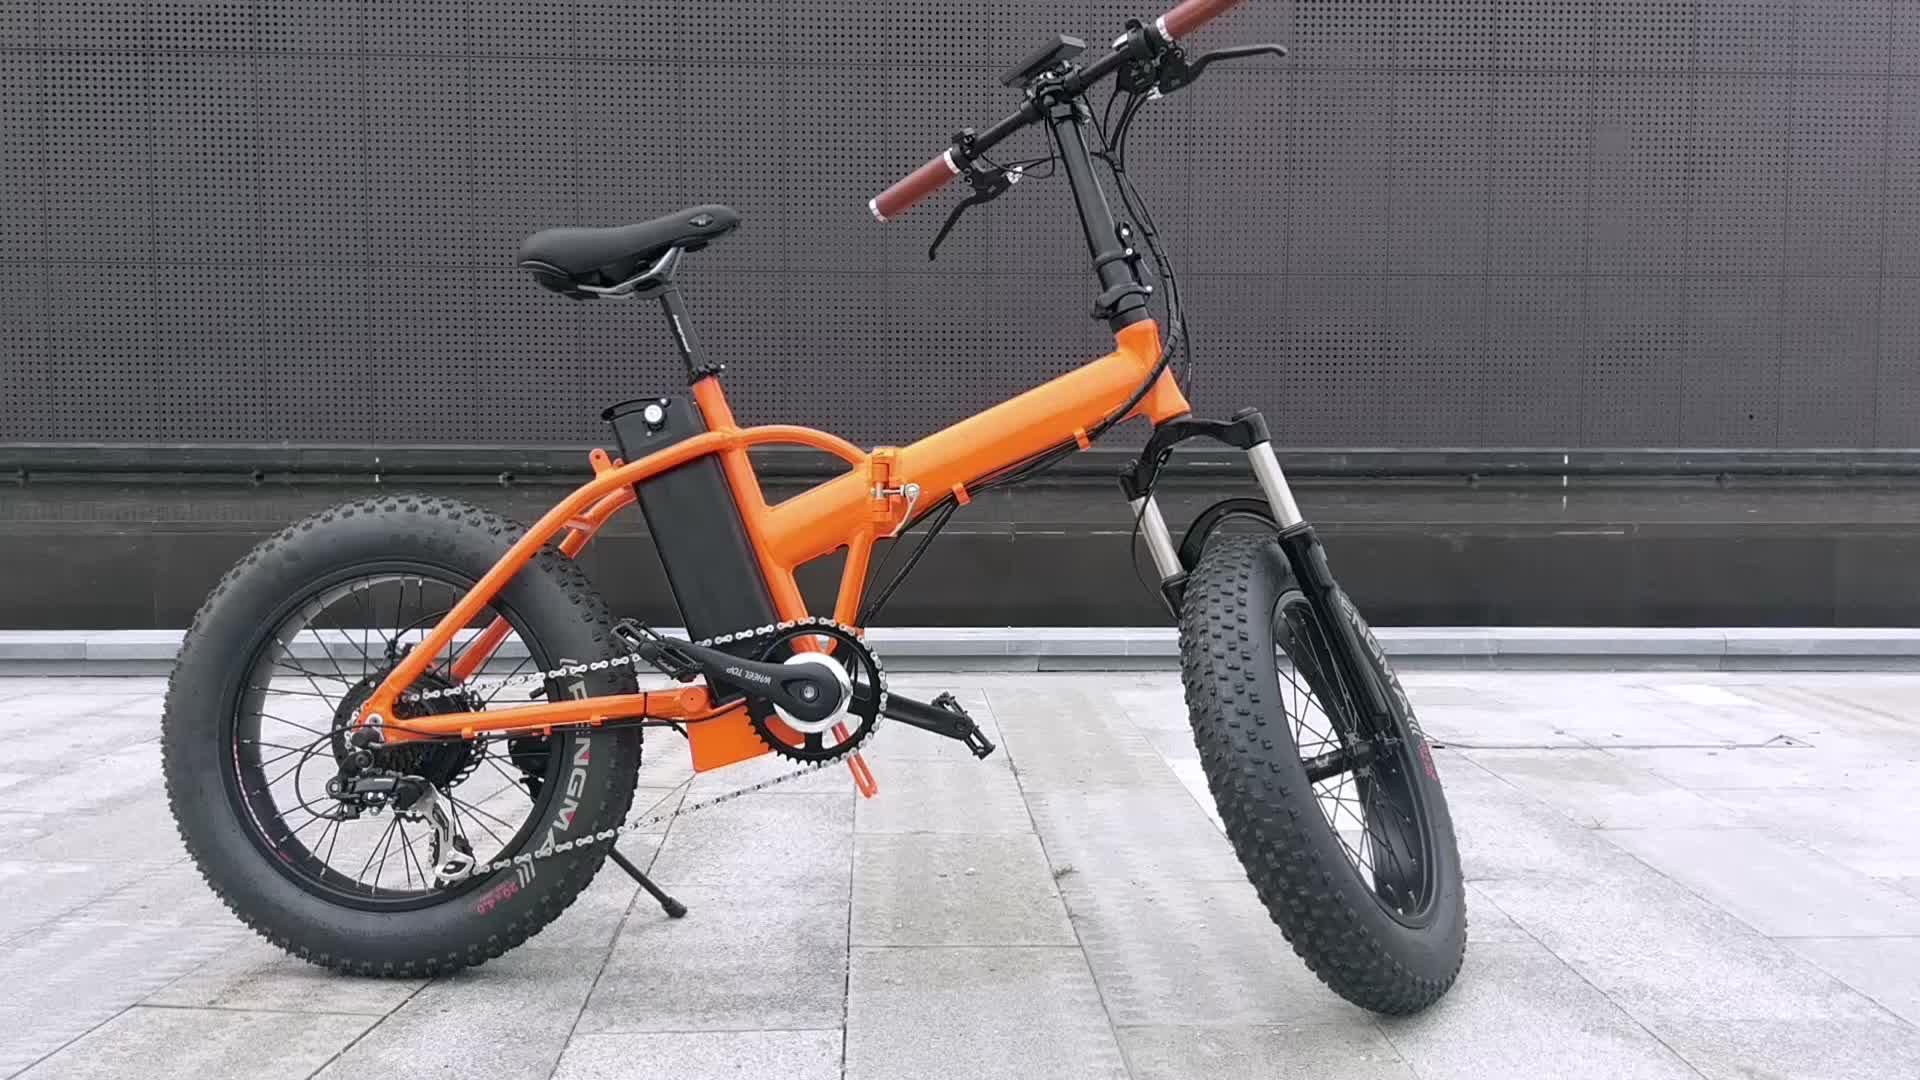 2019 heißer verkauf super mini klappbares elektrisches fahrrad 36v 350w faltbares elektrisches fahrrad mit CE